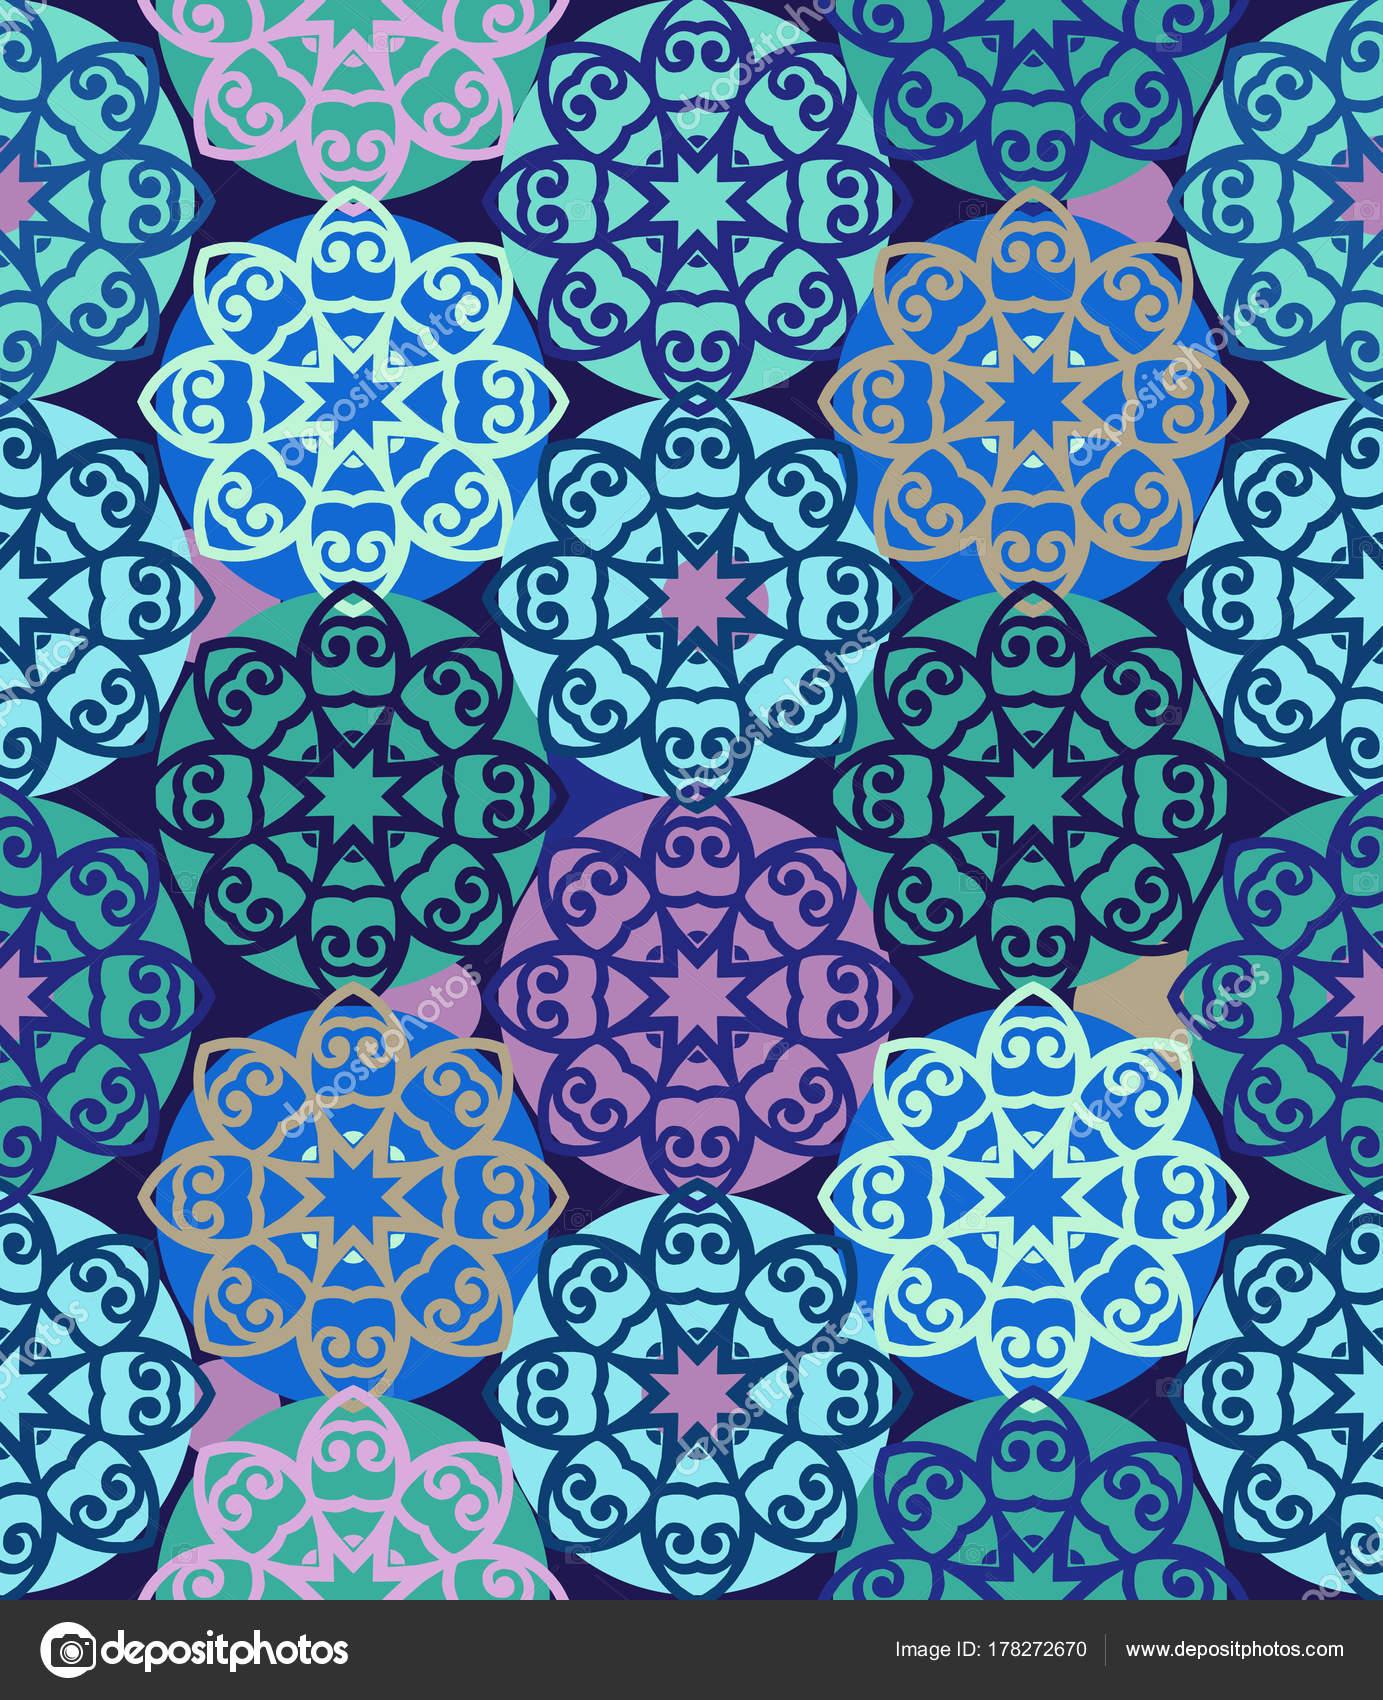 Patr n transparente azul con azulejos mosaico papel pintado floral adorno decorativo para la - Papel autoadhesivo decorativo ...